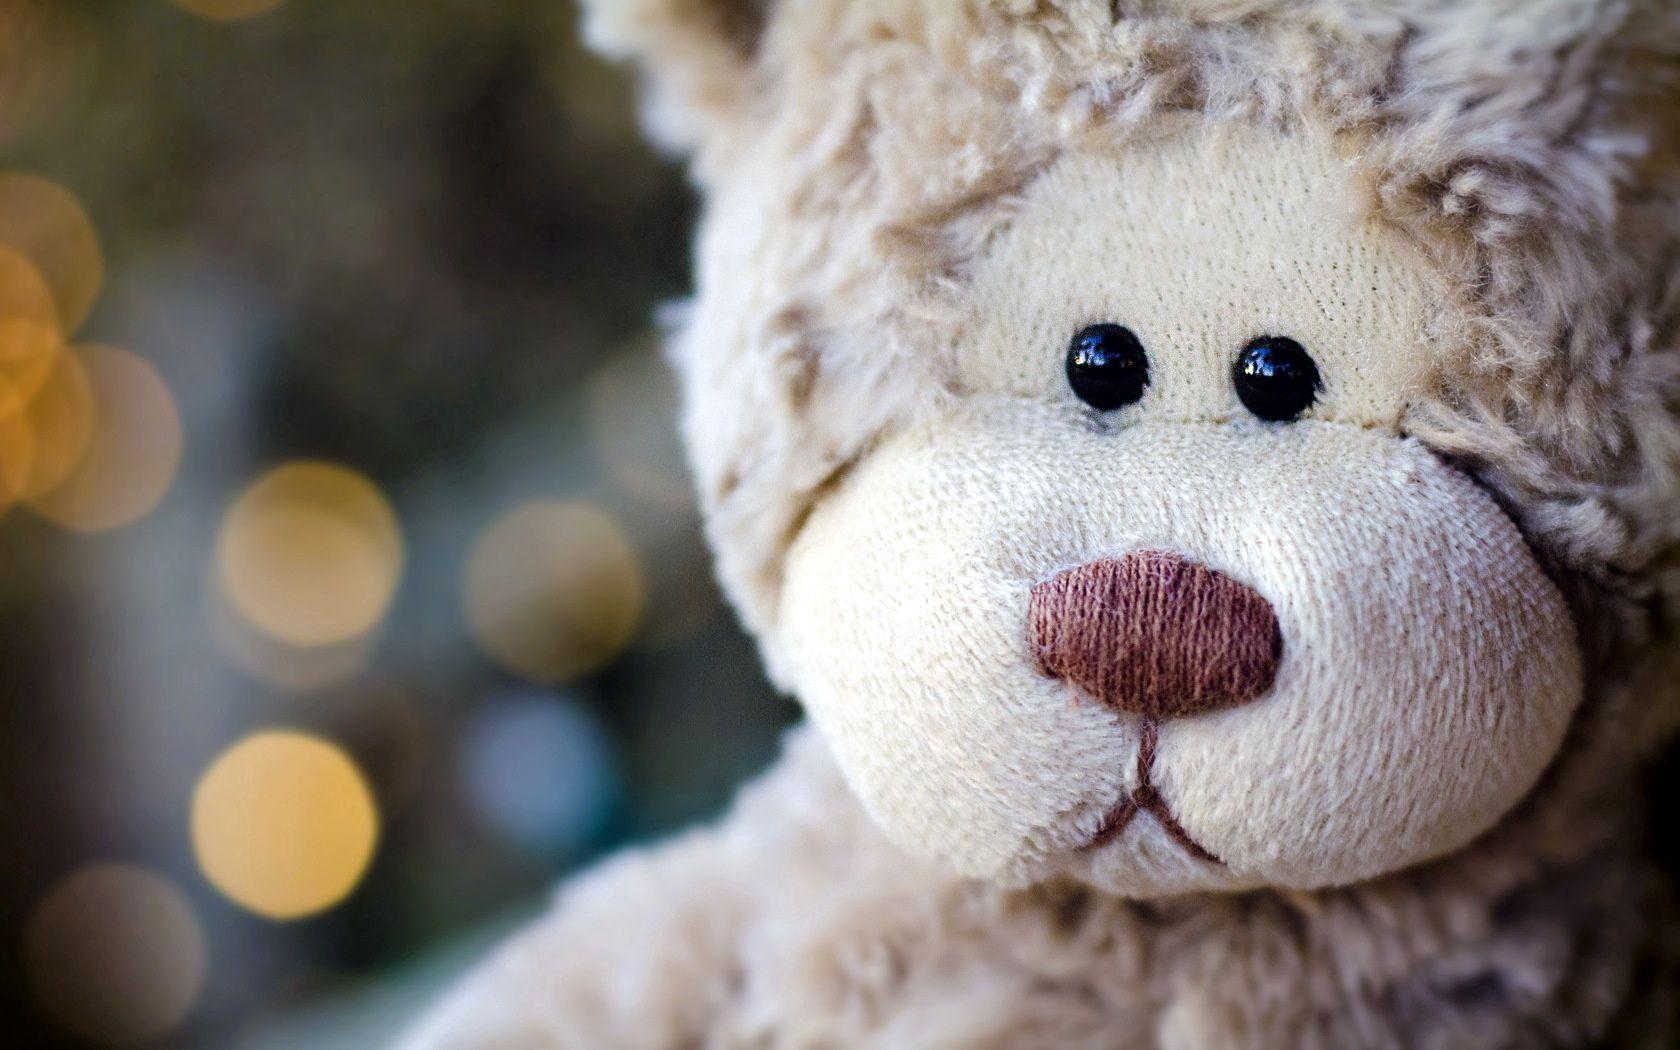 74237 Hintergrundbild herunterladen Spielzeug, Blendung, Verschiedenes, Sonstige, Schnauze, Kopf, Plüschbär, Der Teddybär - Bildschirmschoner und Bilder kostenlos